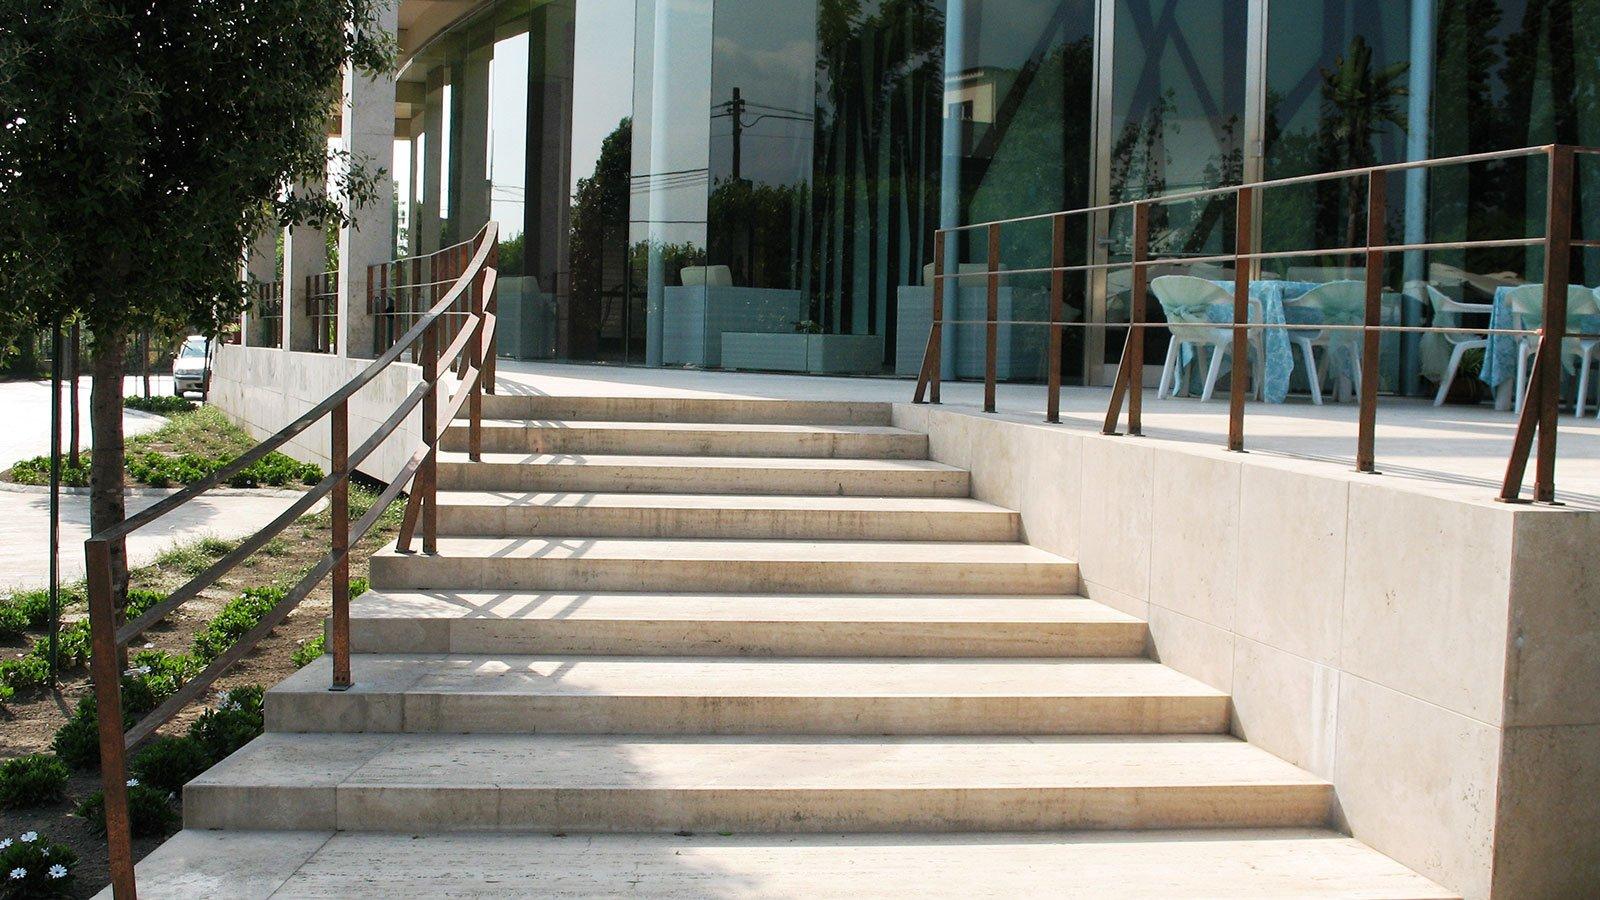 delle scale di un edificio con una ringhiera in ferro